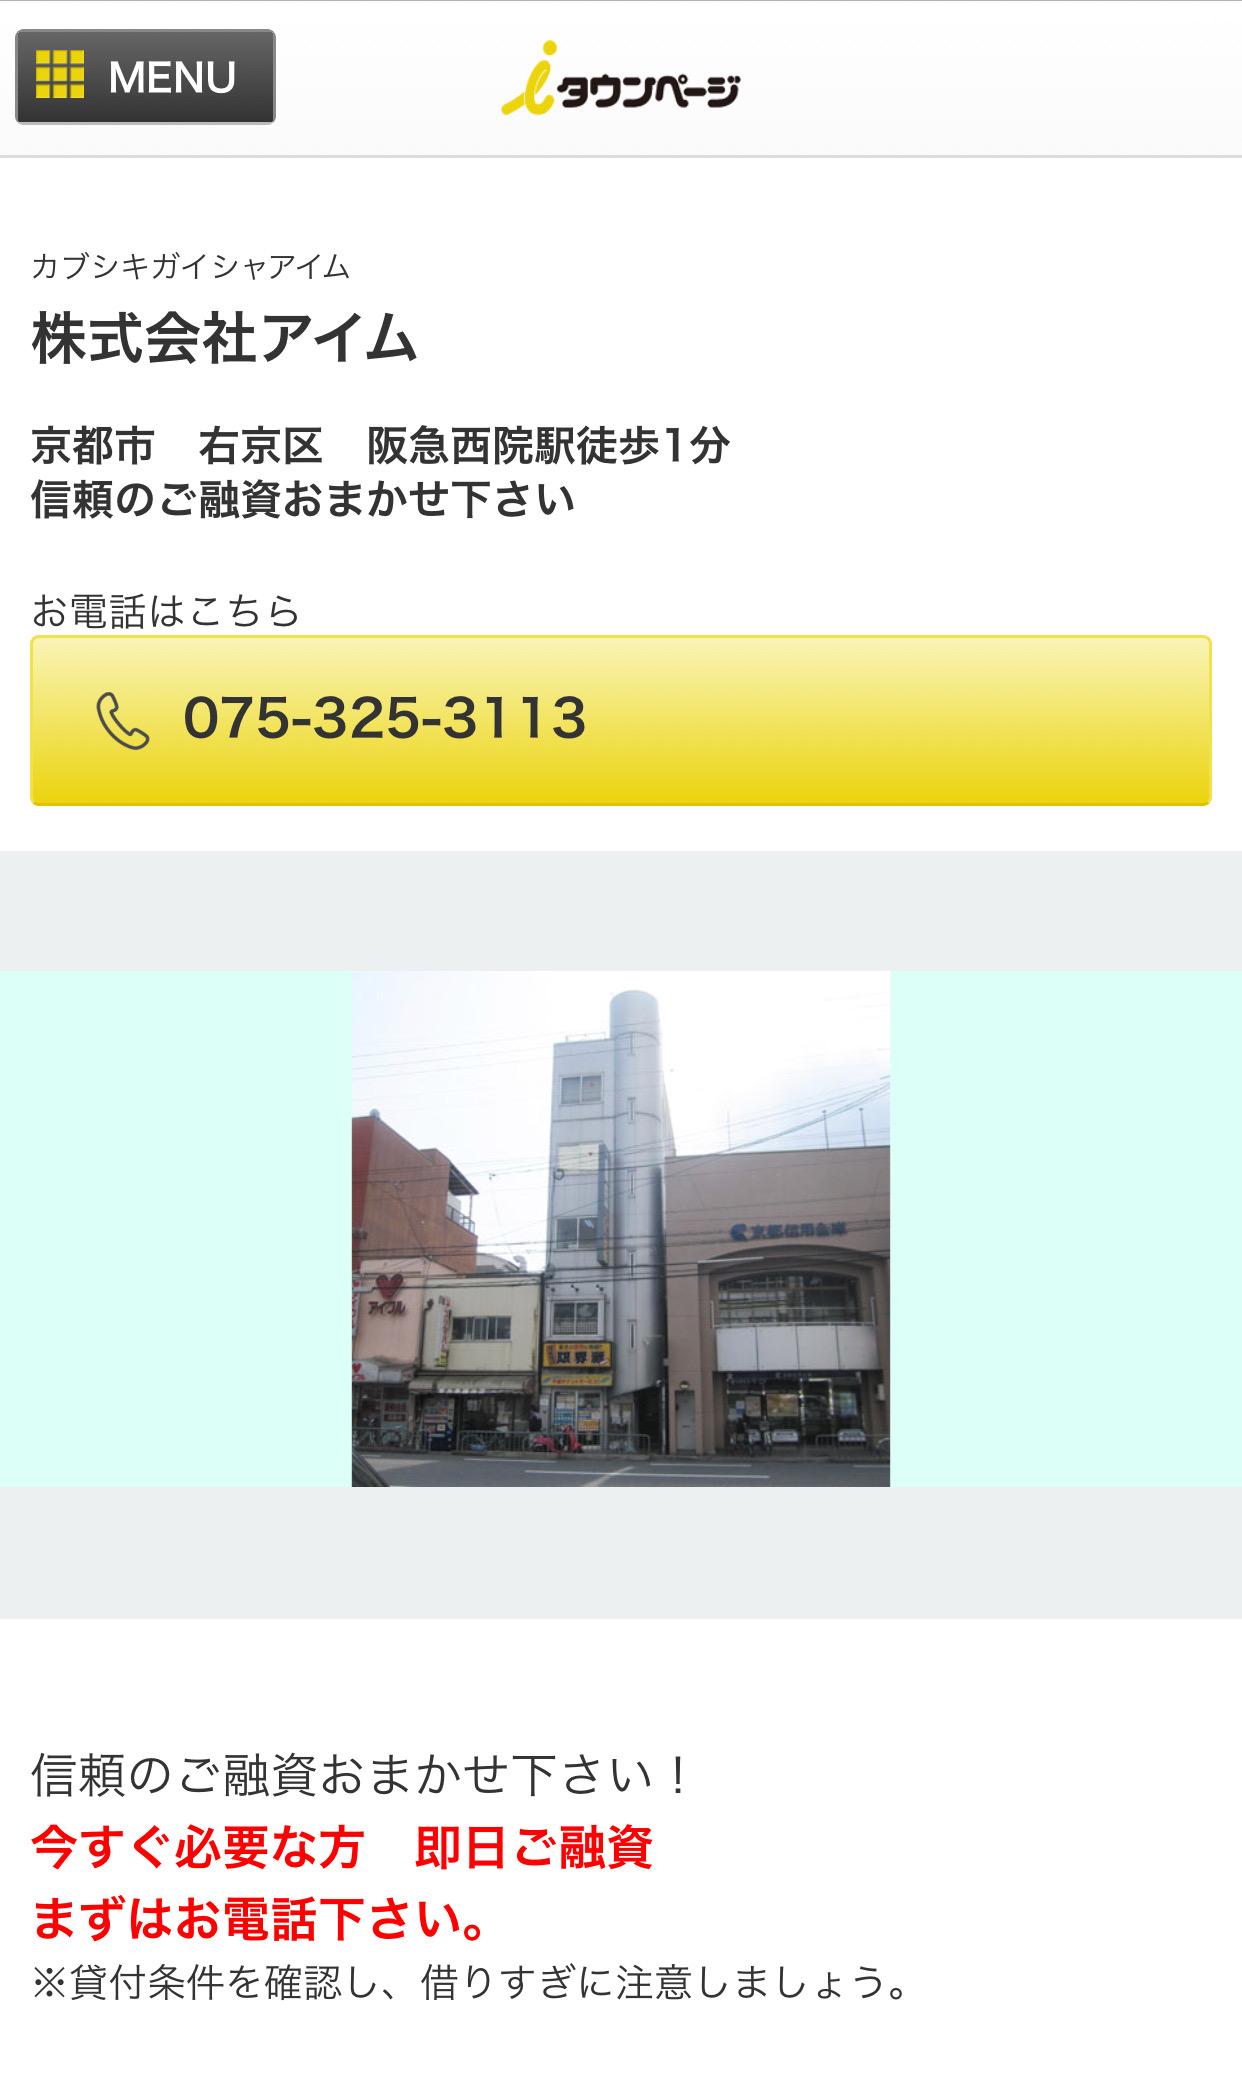 株式会社アイムのアイタウンページ画像